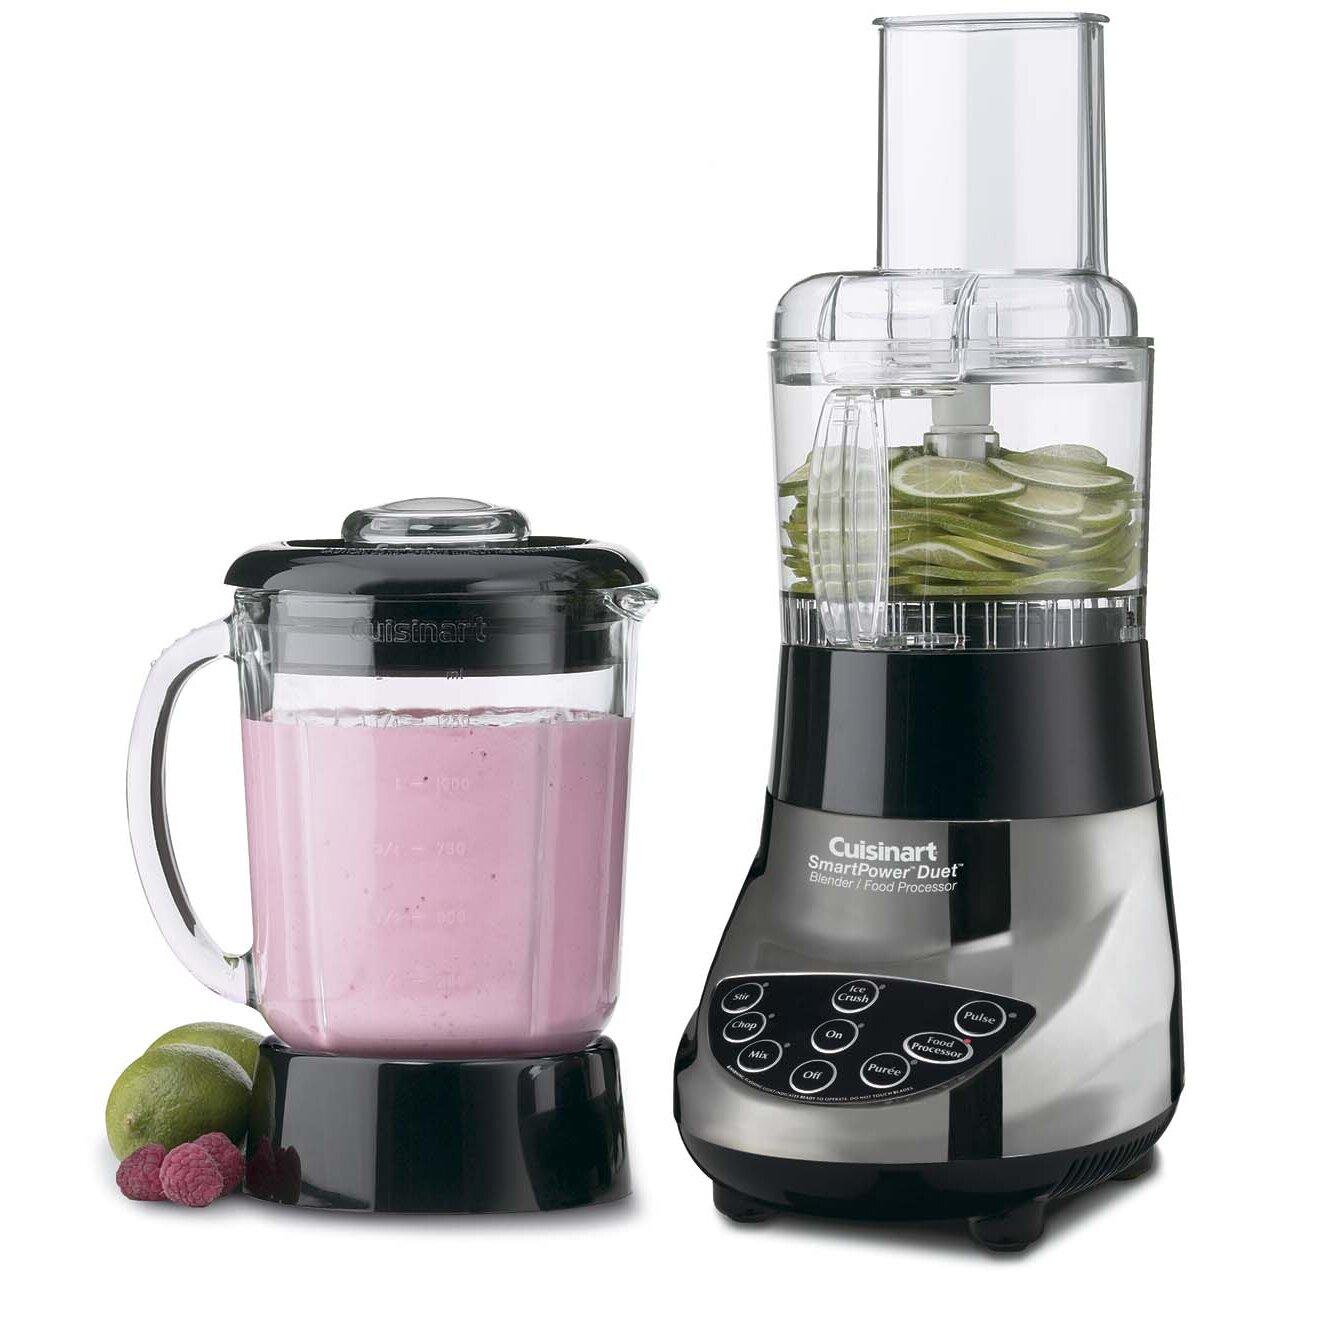 Cuisinart smartpower duet blender and food processor - Cuisinart Smartpower Duet Blender Food Processor